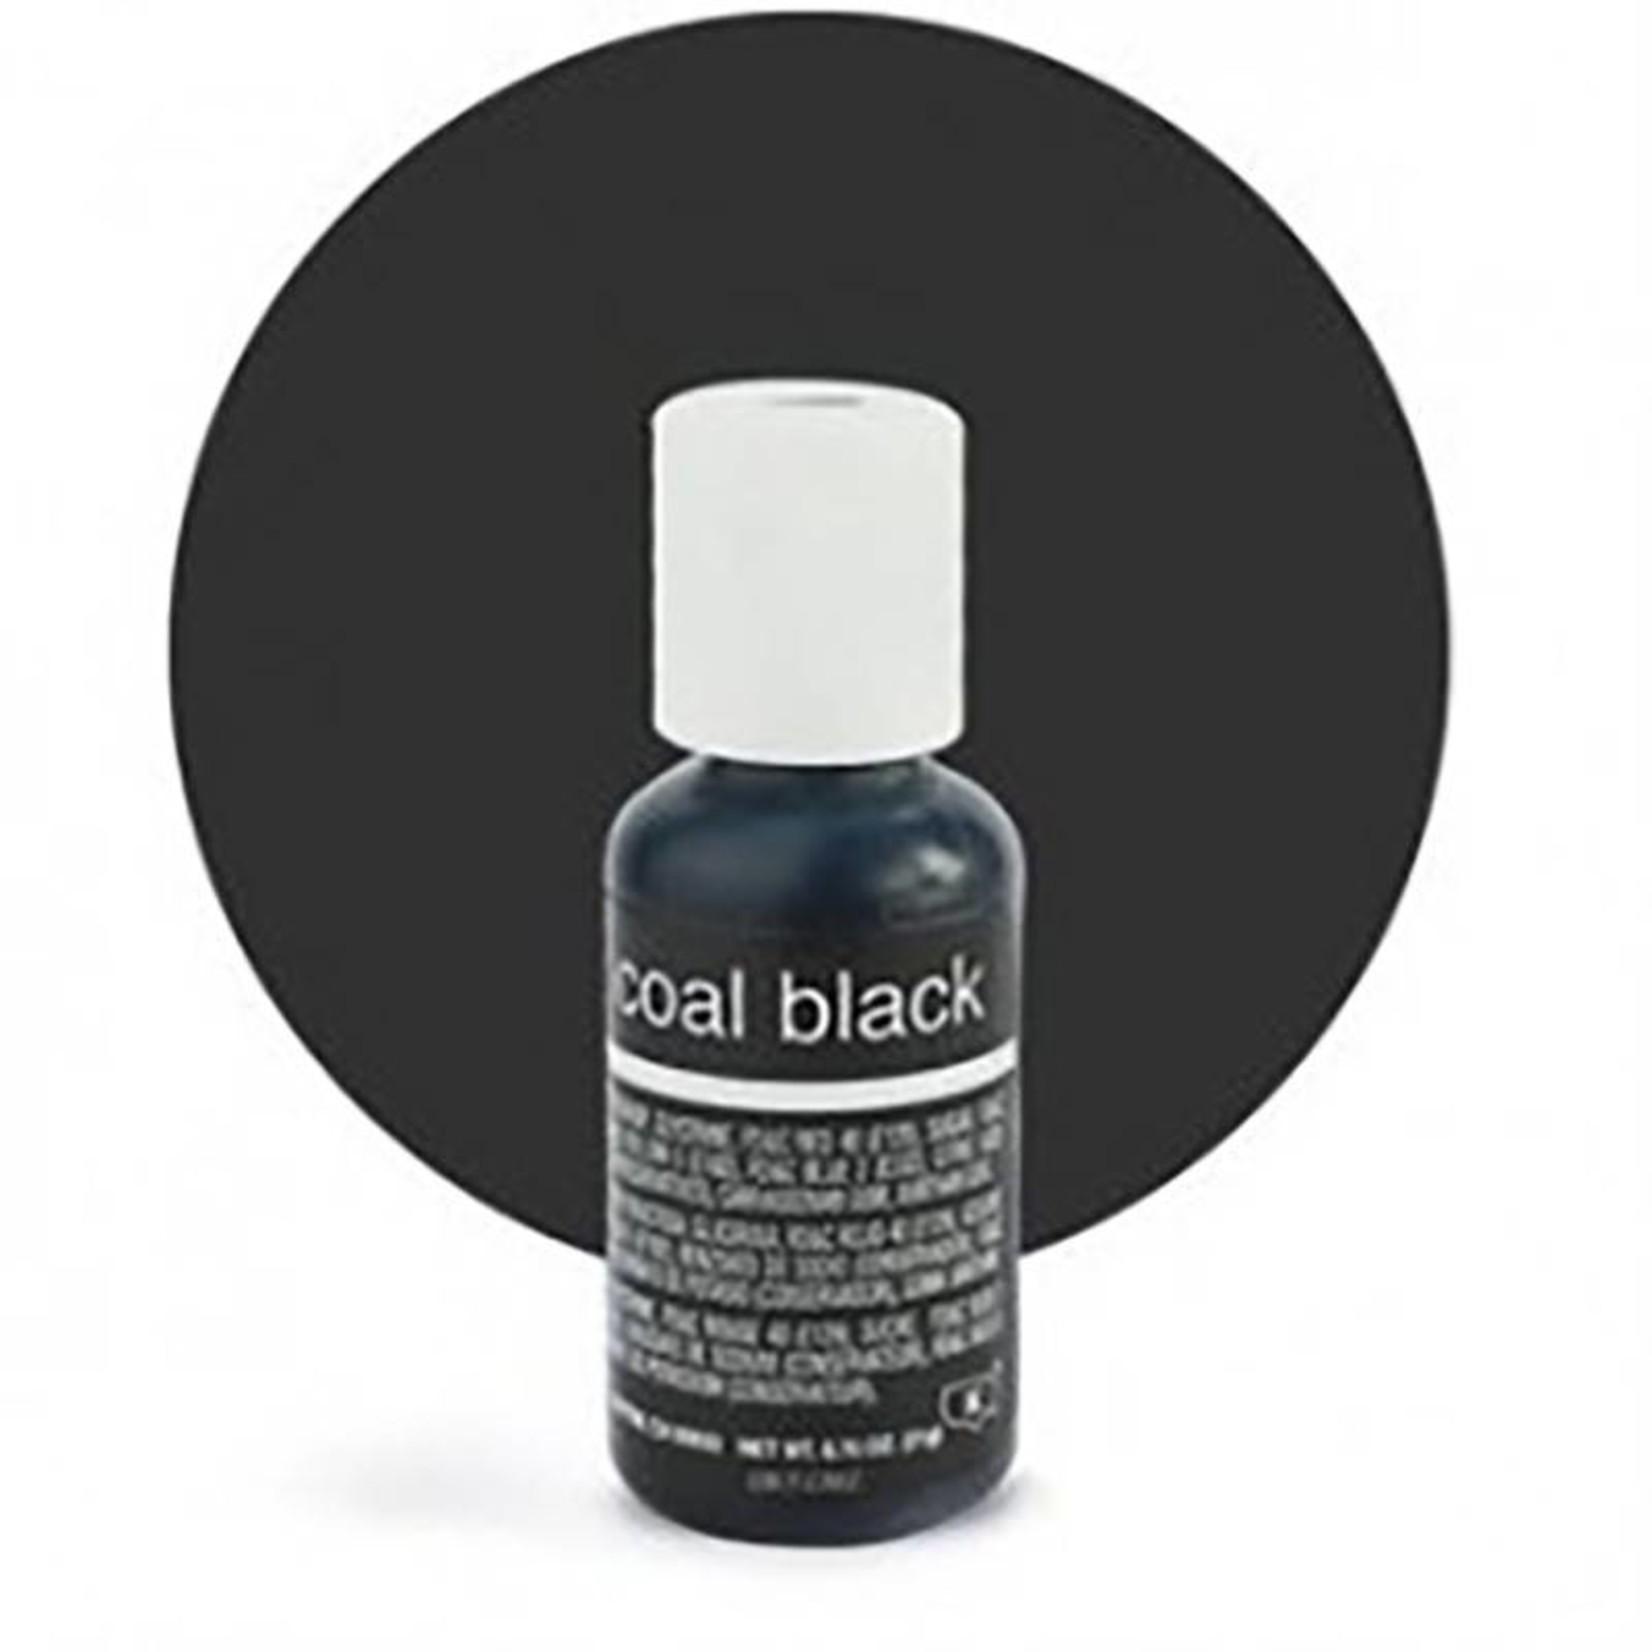 Chefmaster Chefmaster - Coal Black Gel food color - 0.70oz, 41-5101